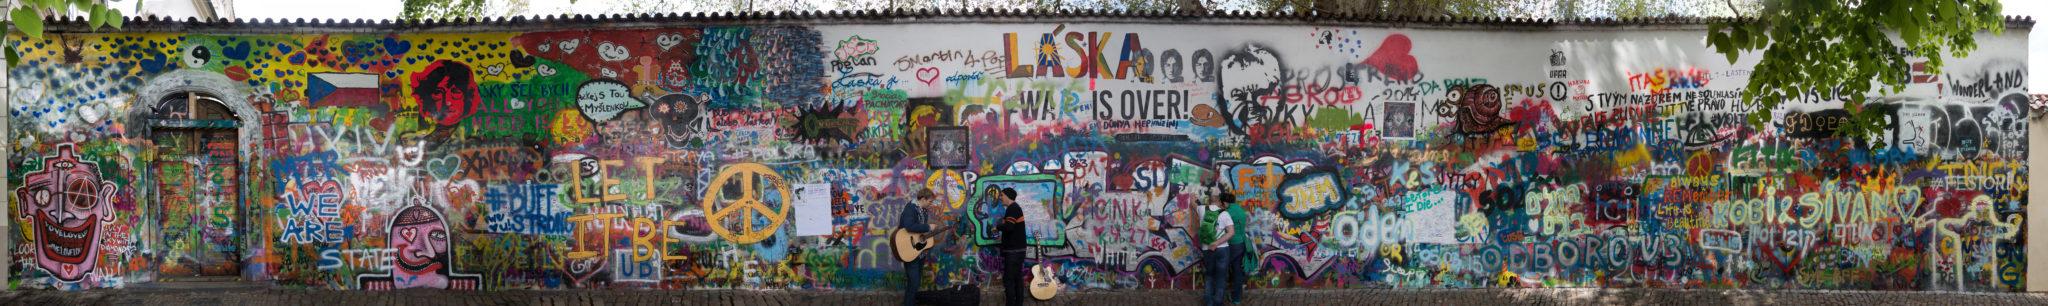 Lennon_Wall(2015-05-02)(js)